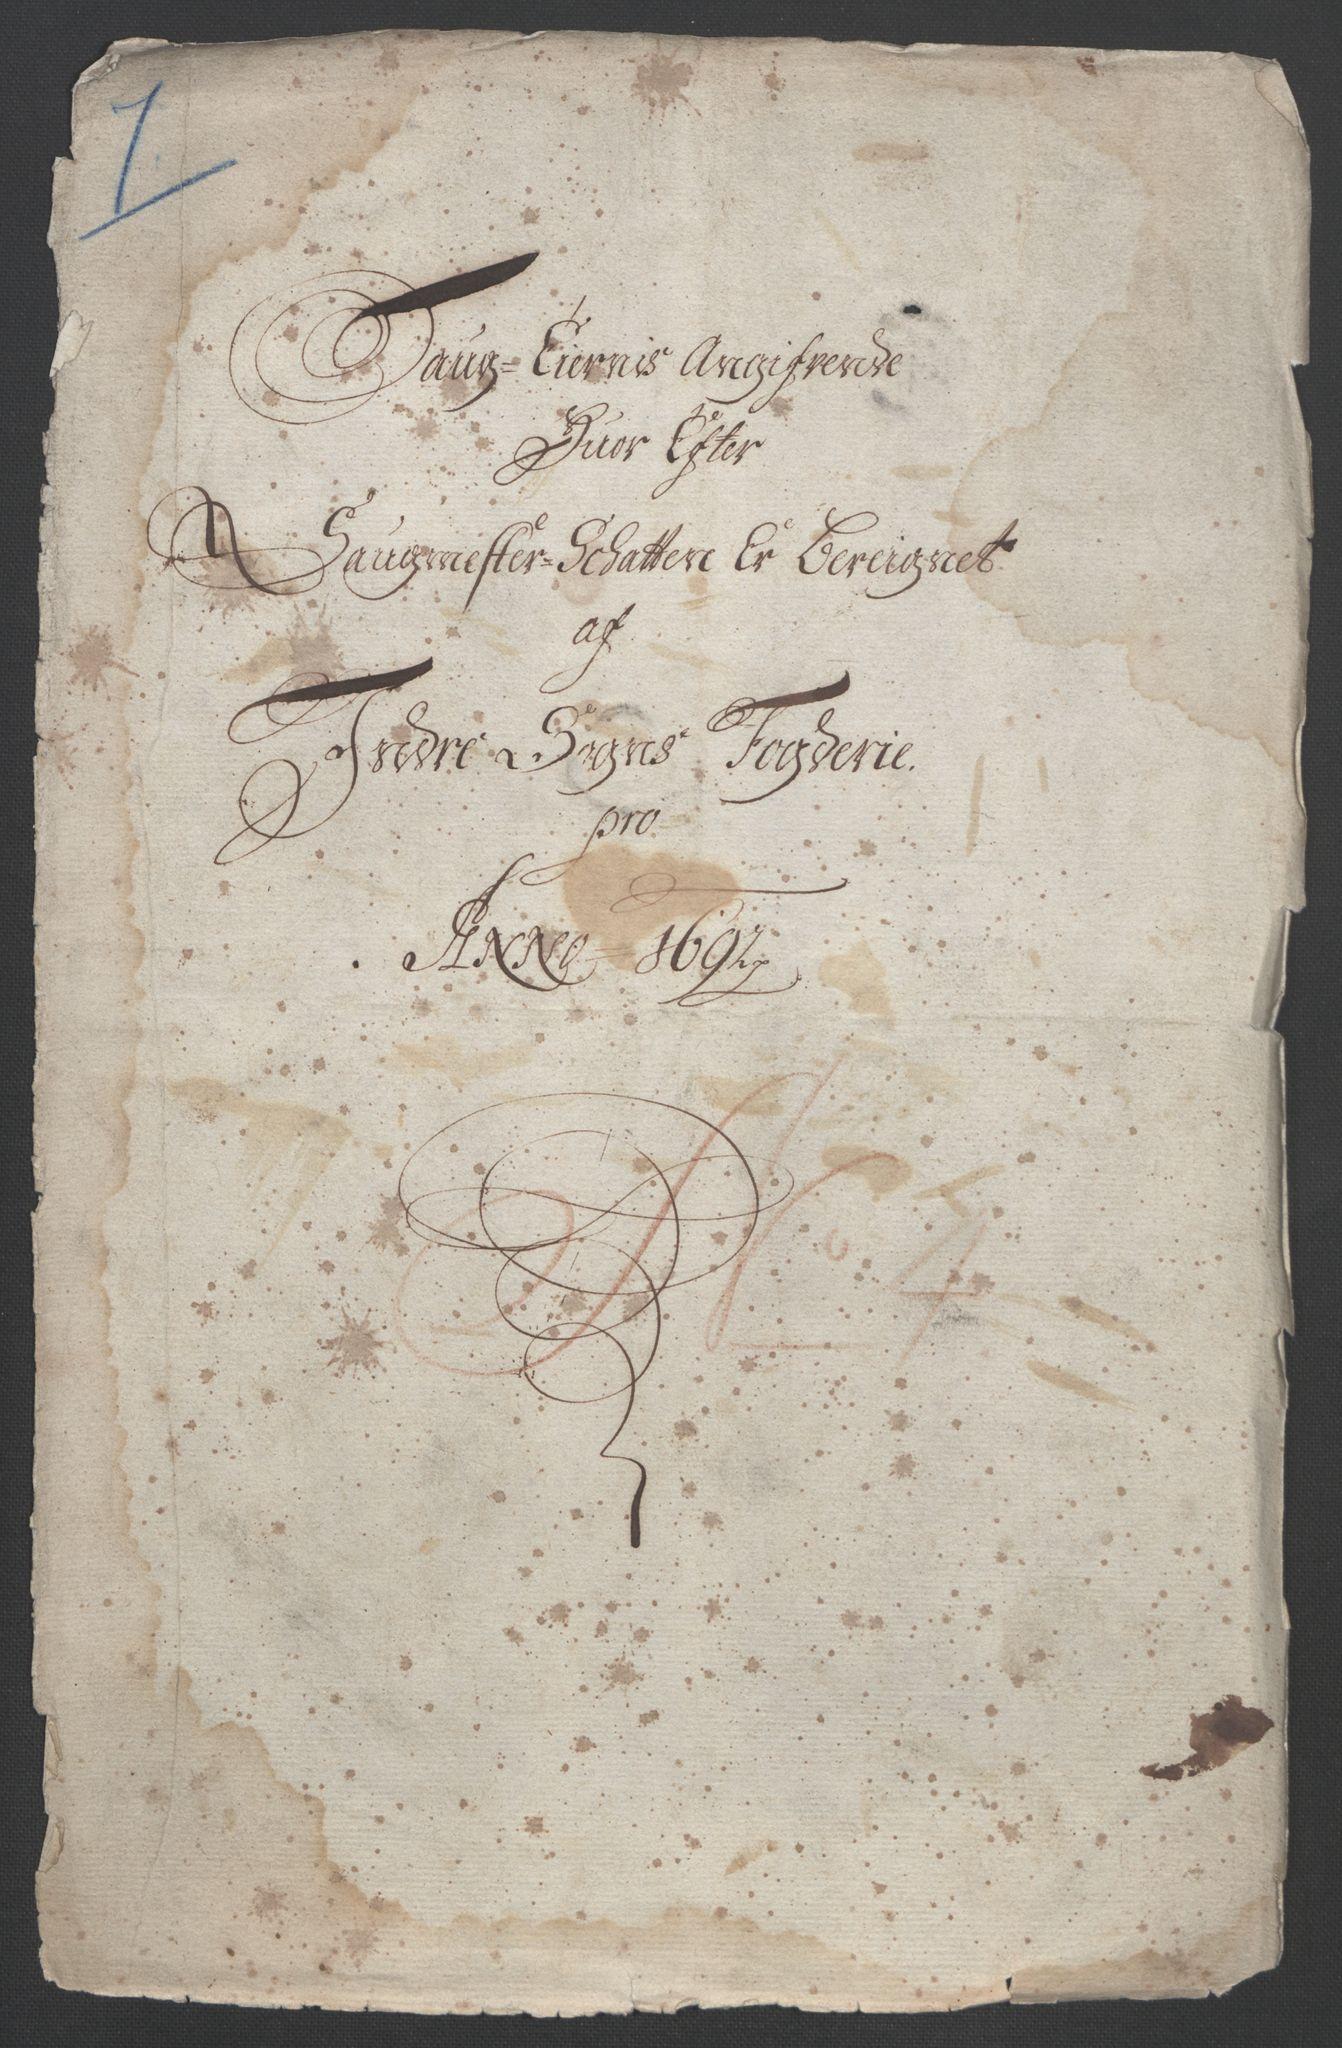 RA, Rentekammeret inntil 1814, Reviderte regnskaper, Fogderegnskap, R52/L3306: Fogderegnskap Sogn, 1691-1692, s. 232